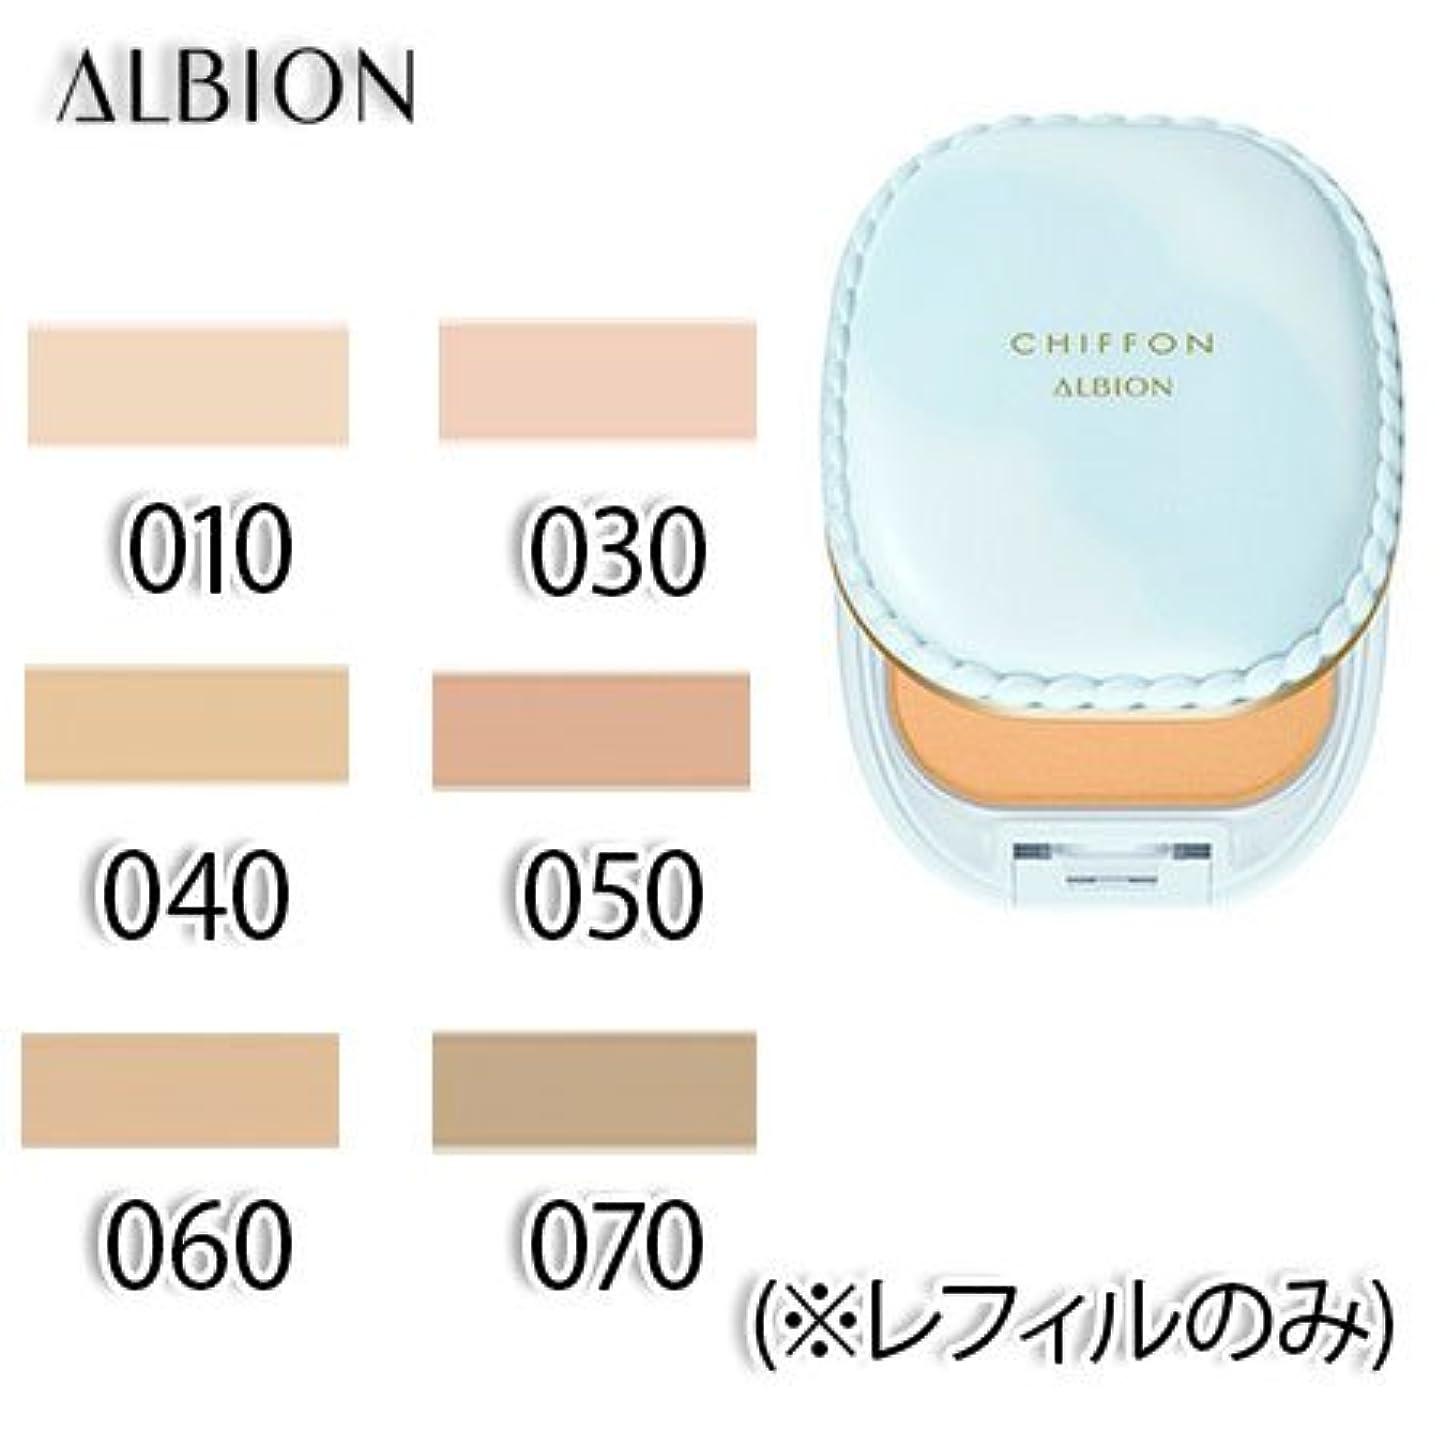 閉じる再開自由アルビオン スノー ホワイト シフォン 全6色 SPF25?PA++ 10g (レフィルのみ) -ALBION- 050